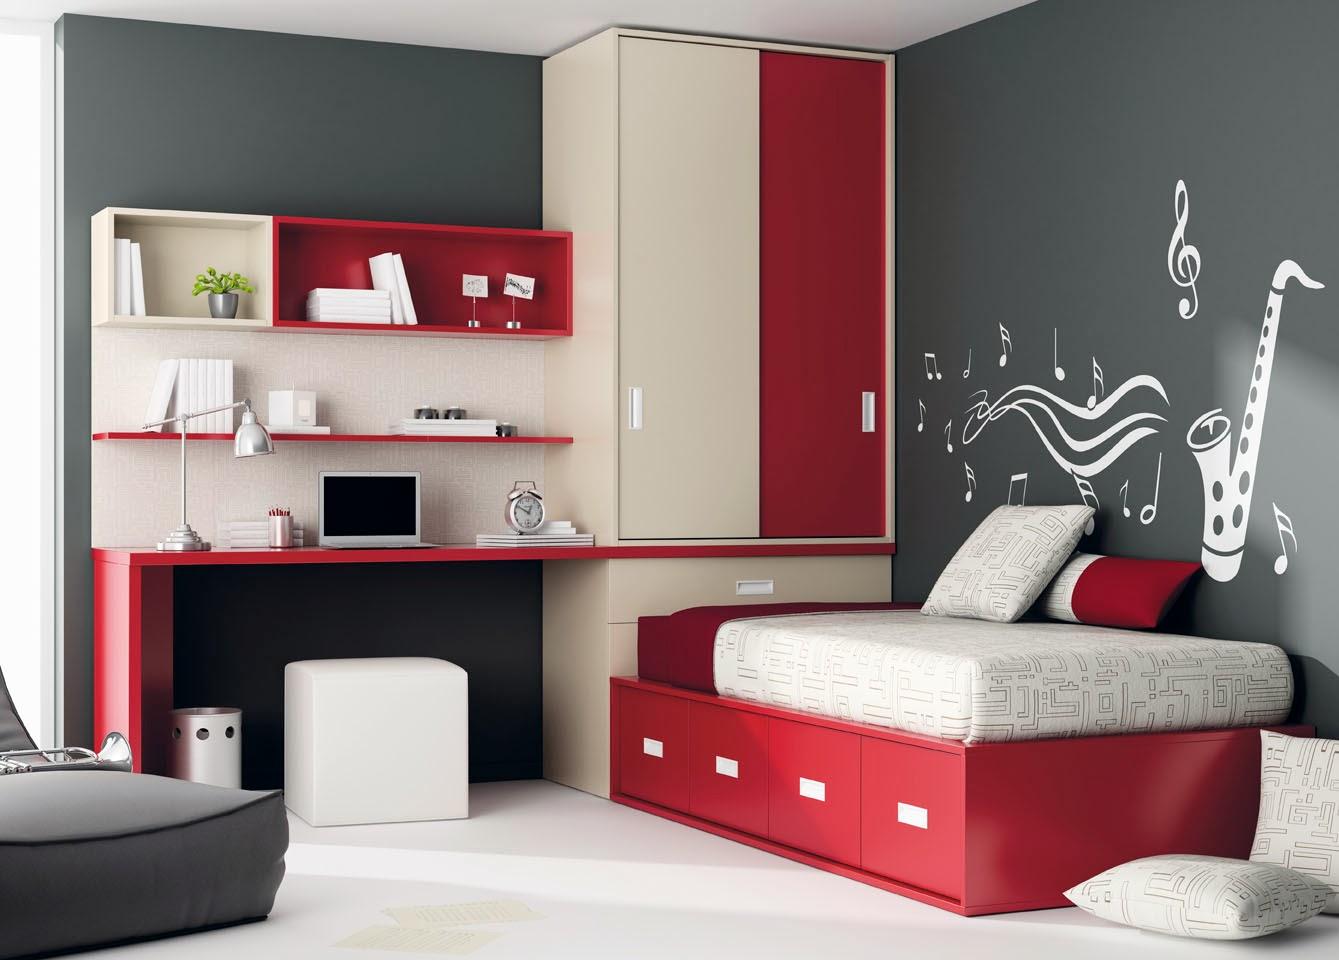 Decorare la cameretta dei bambini mobili ros - Combinar colores habitacion ...